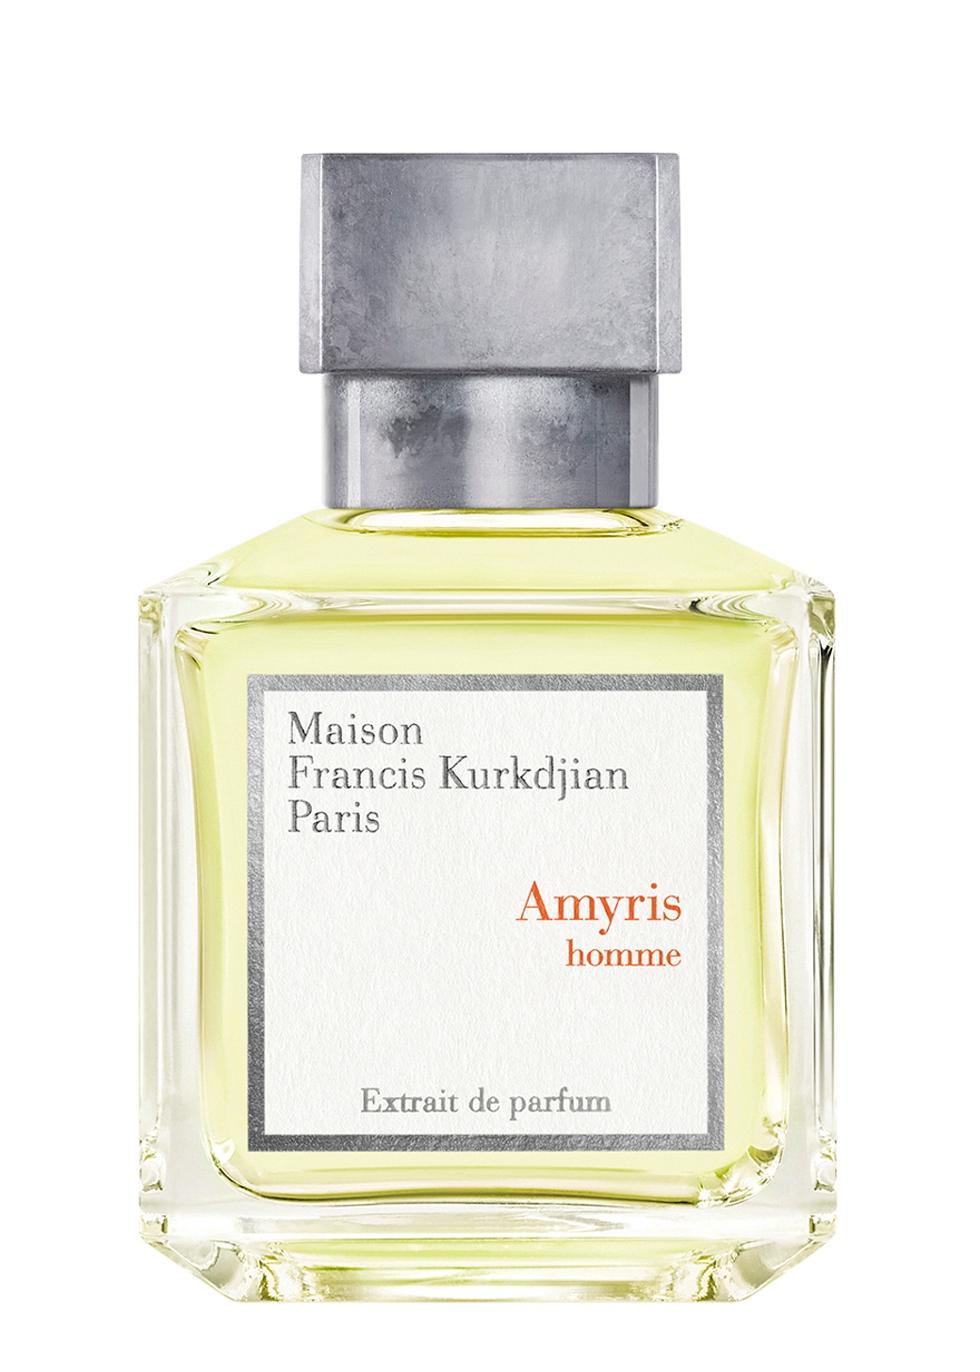 Amyris Homme Extrait De Parfum 70ml